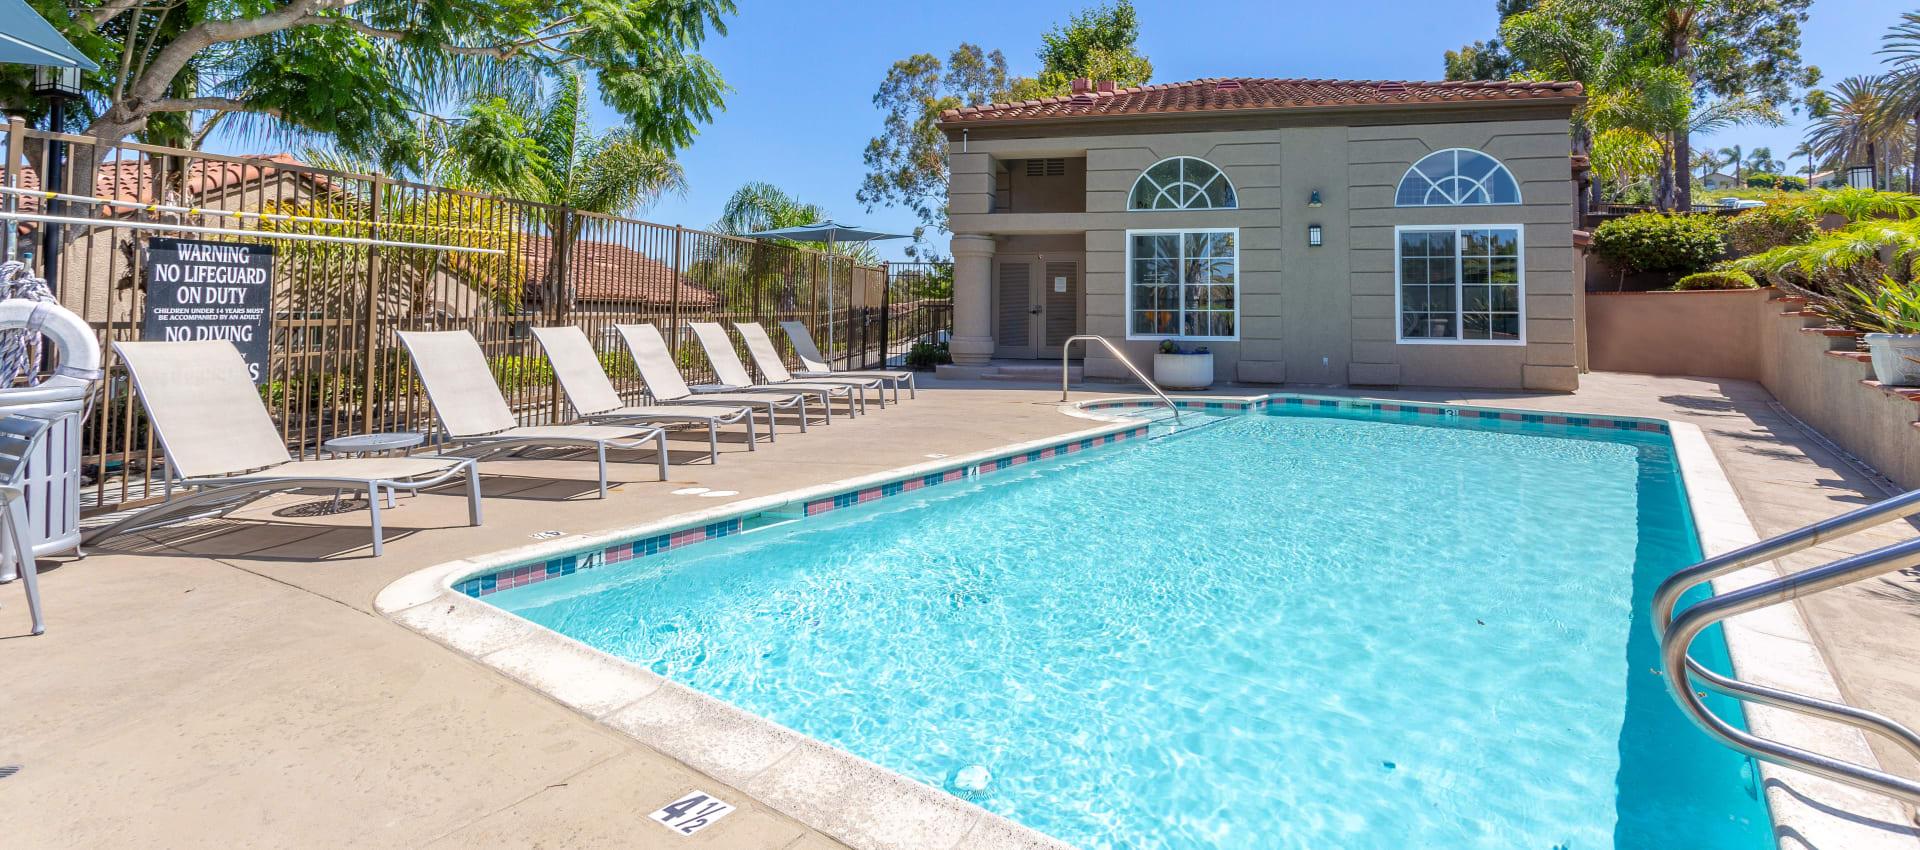 Pool at Niguel Summit Condominium Rentals in Laguna Niguel, CA